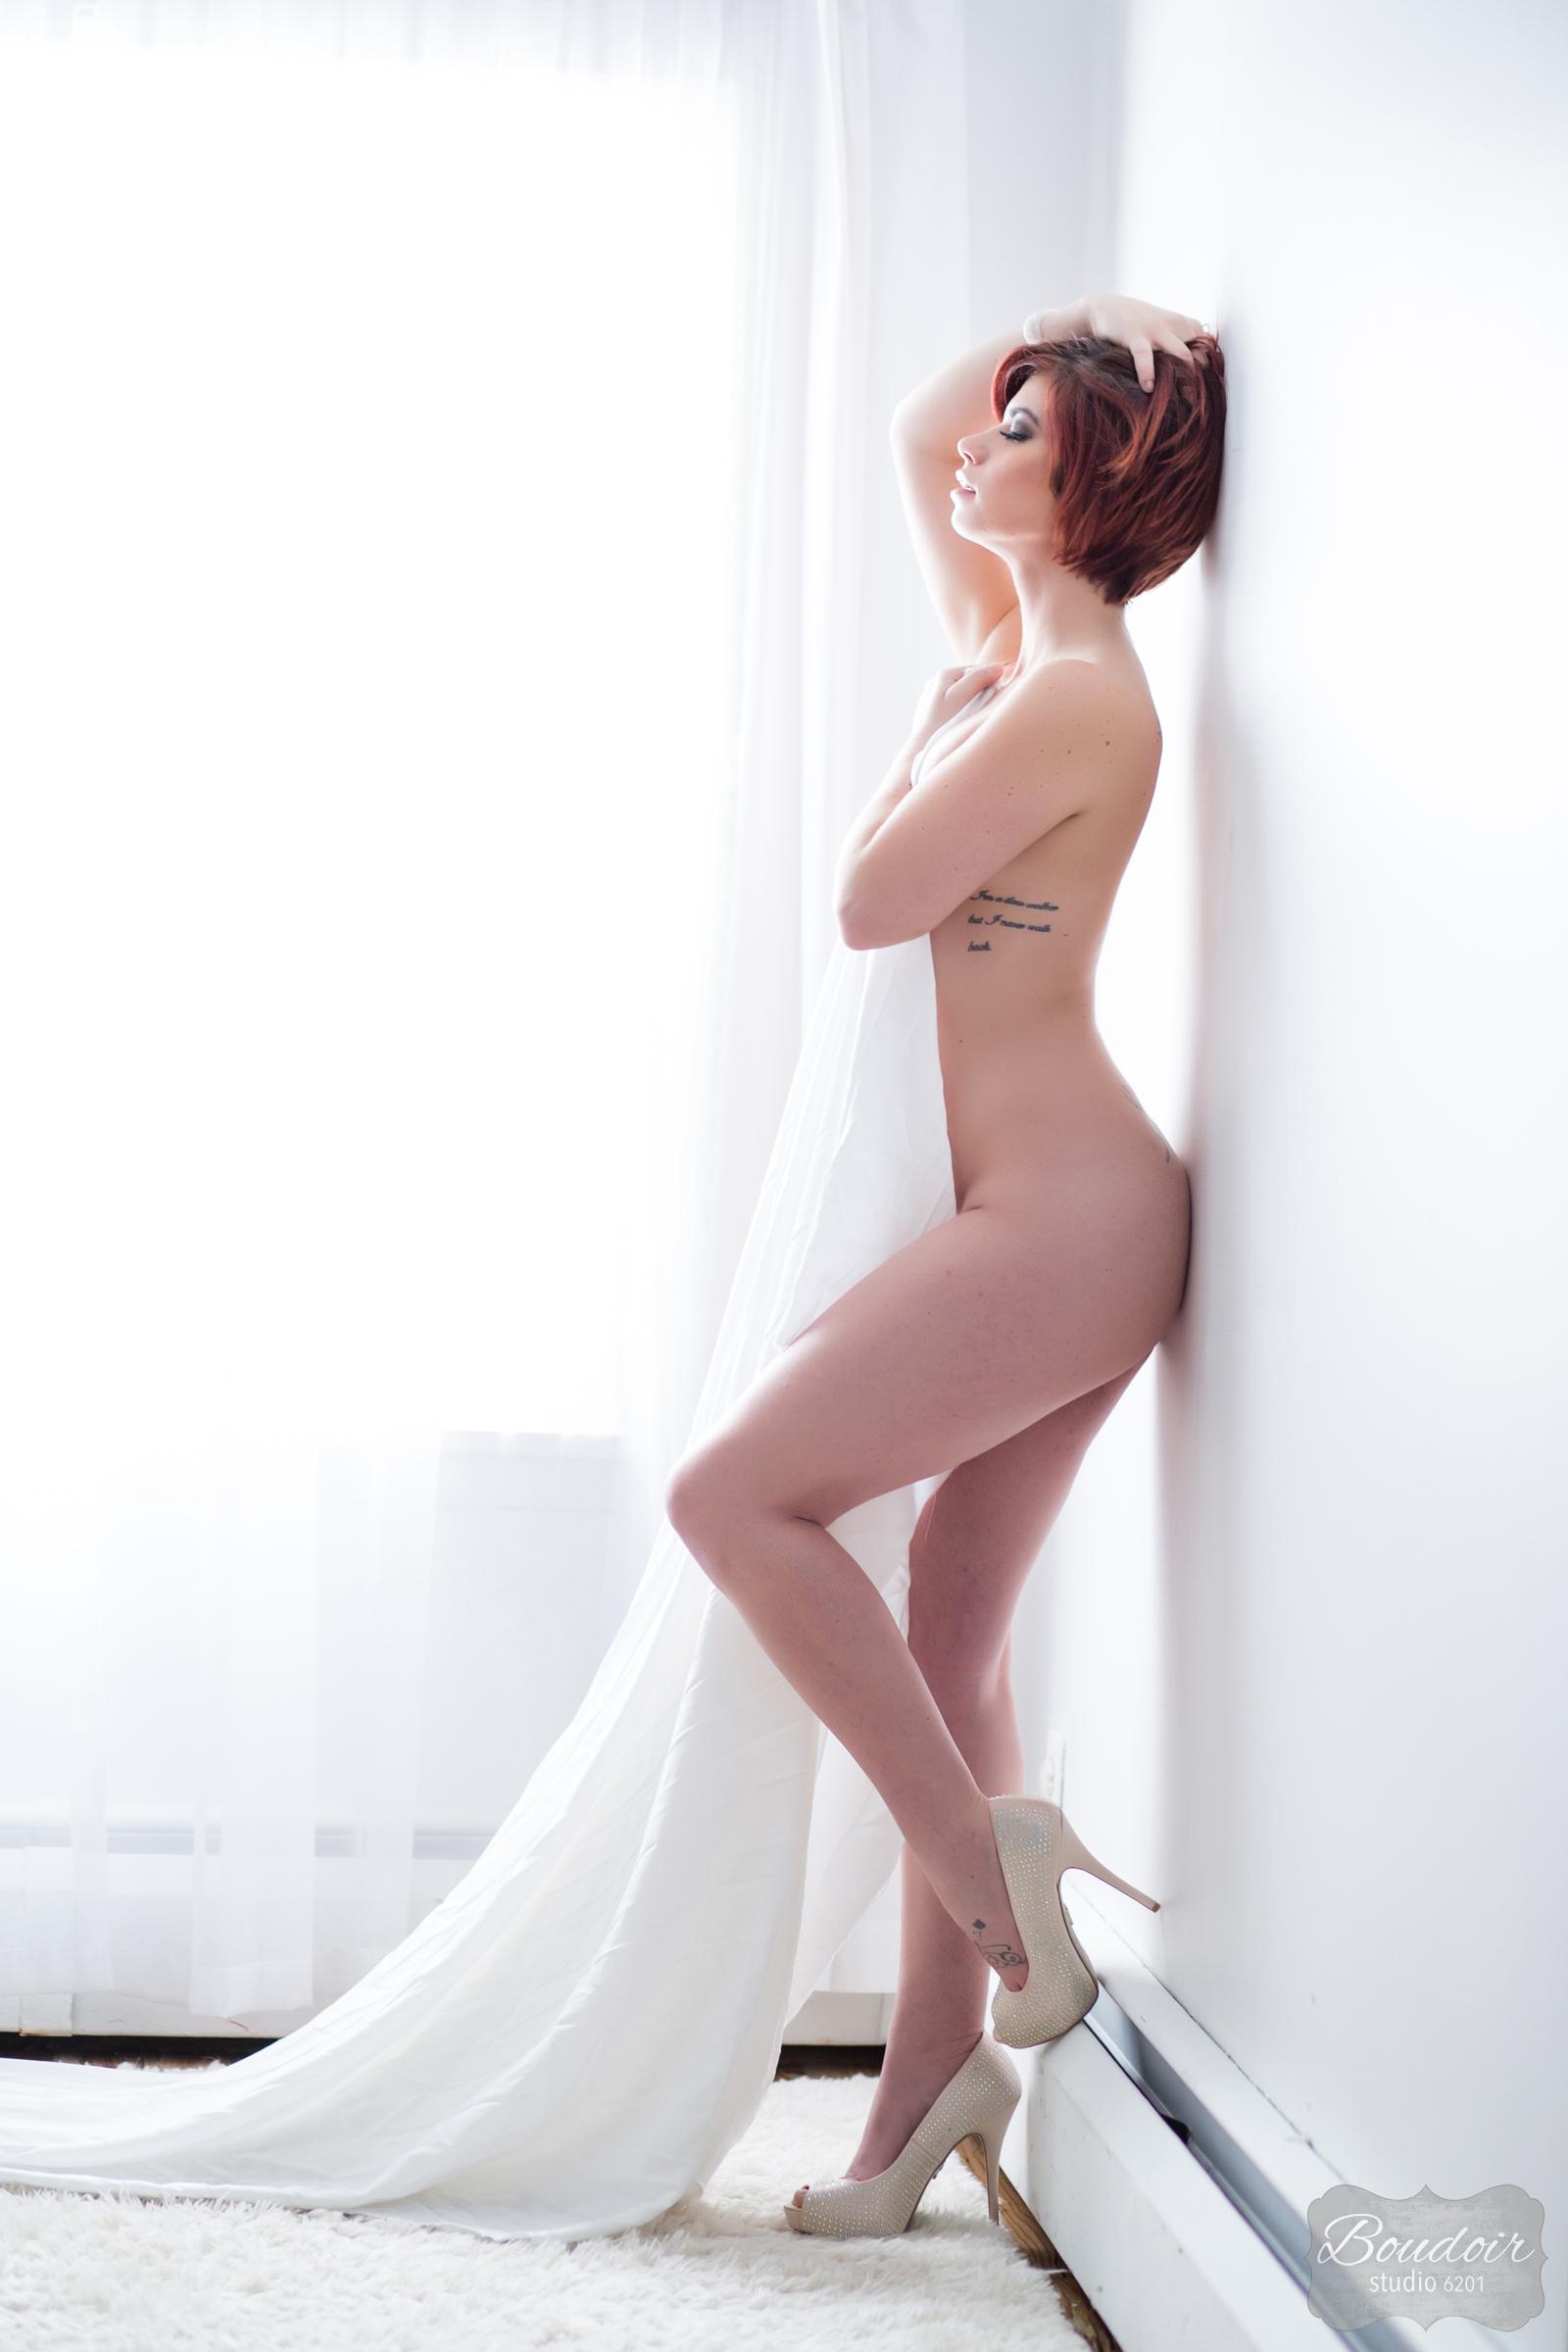 boudoir-studio-6201-summer-in-the-sheets073.jpg